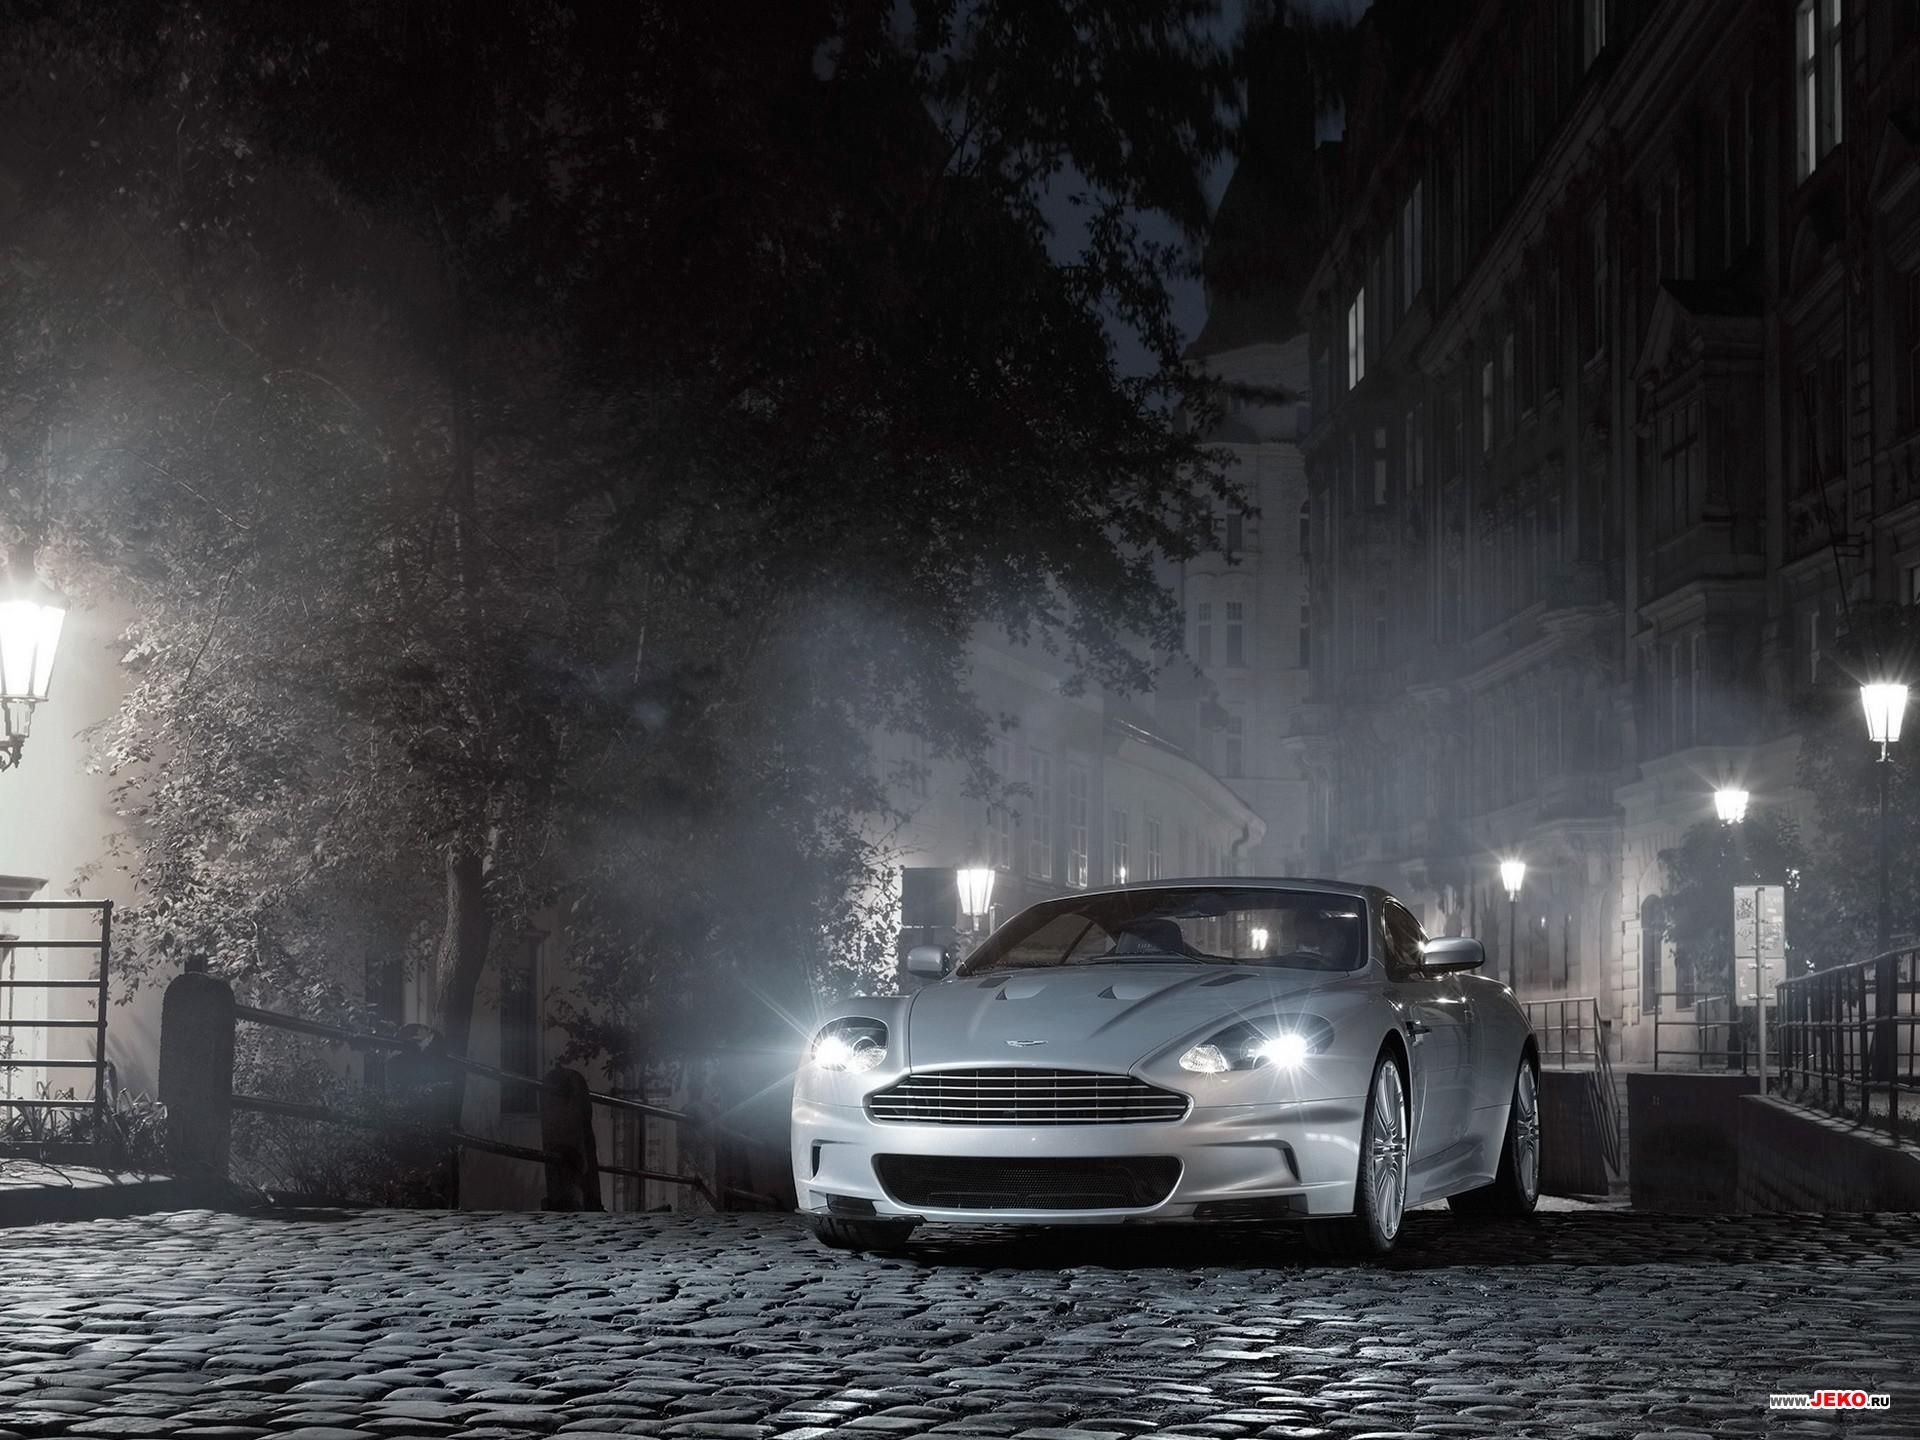 Silver Aston Martin DBS Front View desktop wallpaper WallpaperPixel 1920x1440